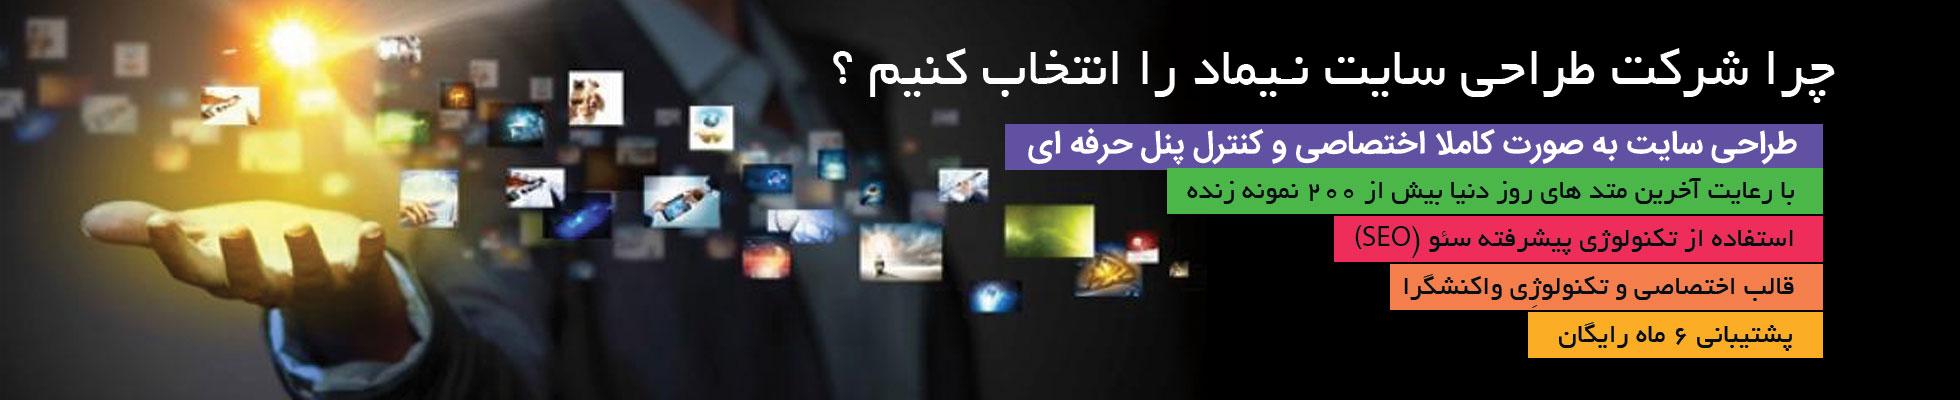 طراحی وب سایت در کرمان